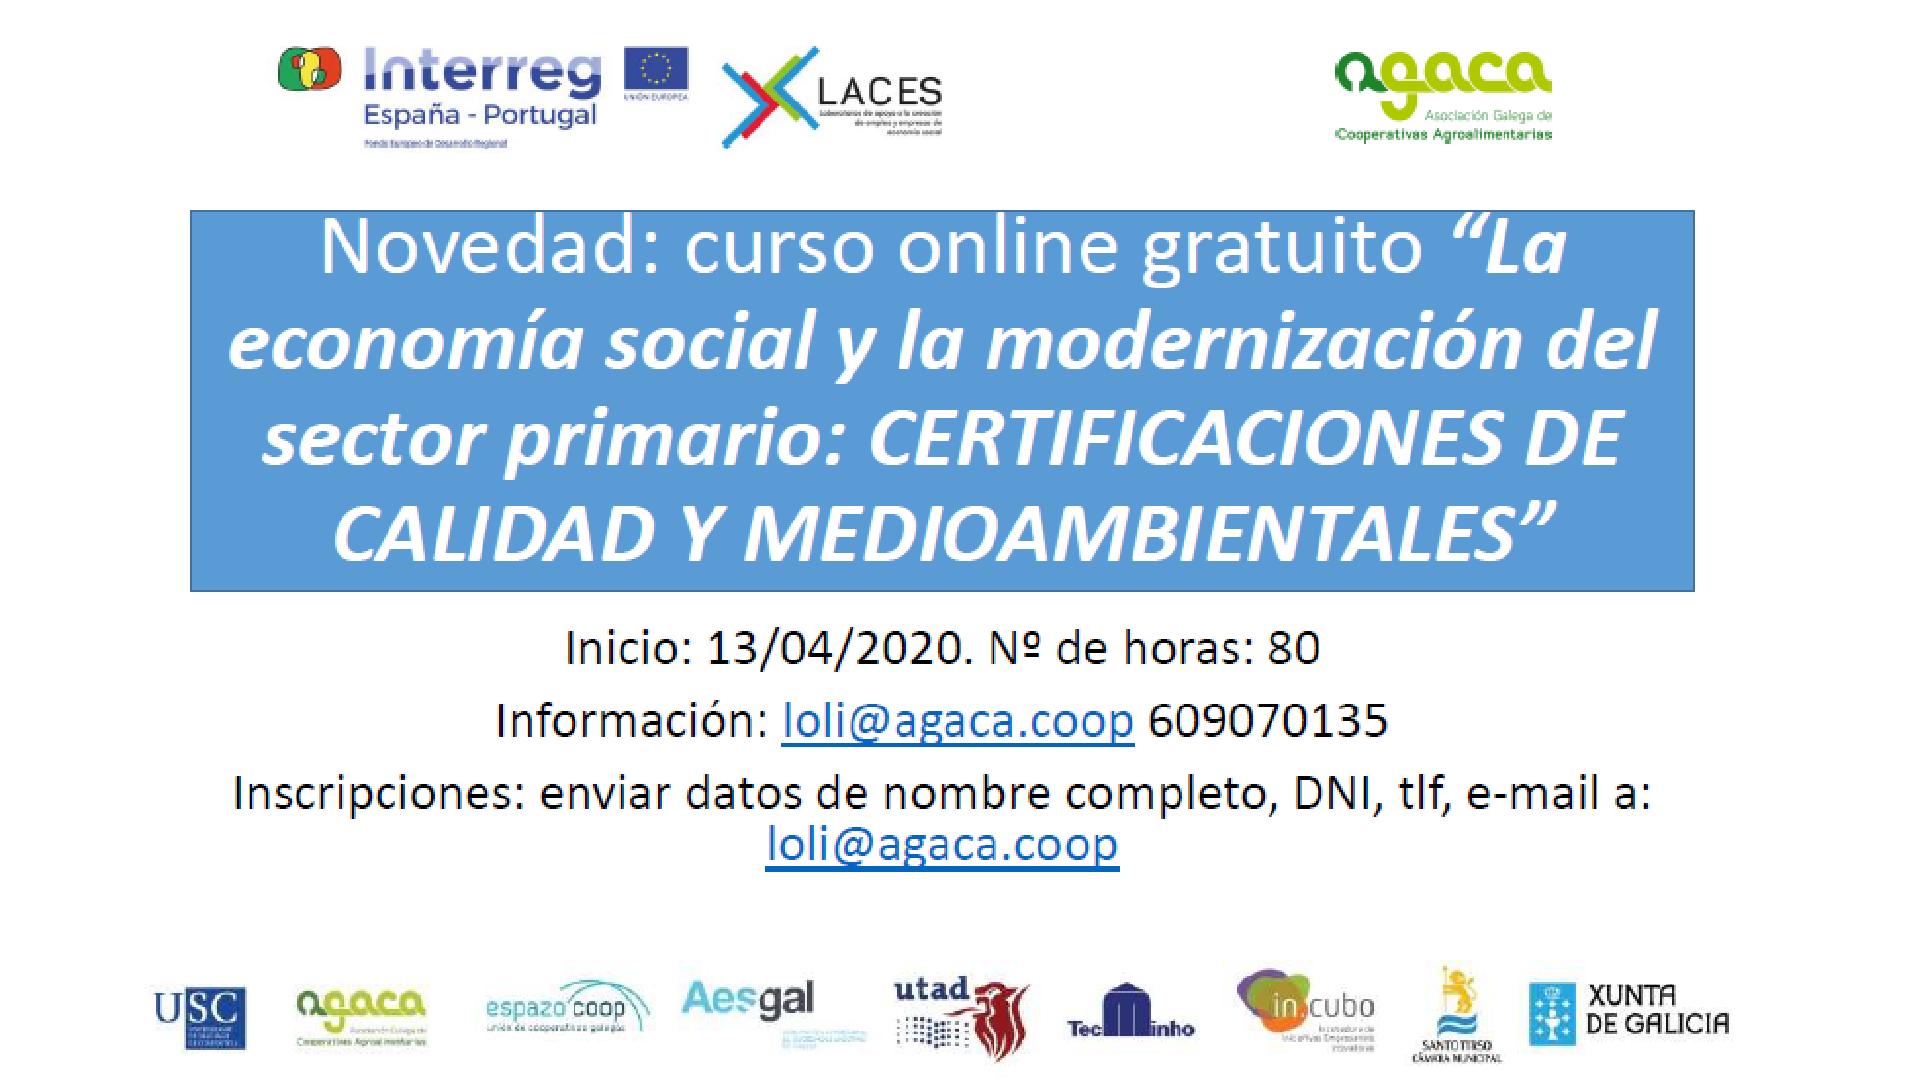 Curso online gratuito sobre certificaciones de calidad y medioambientales